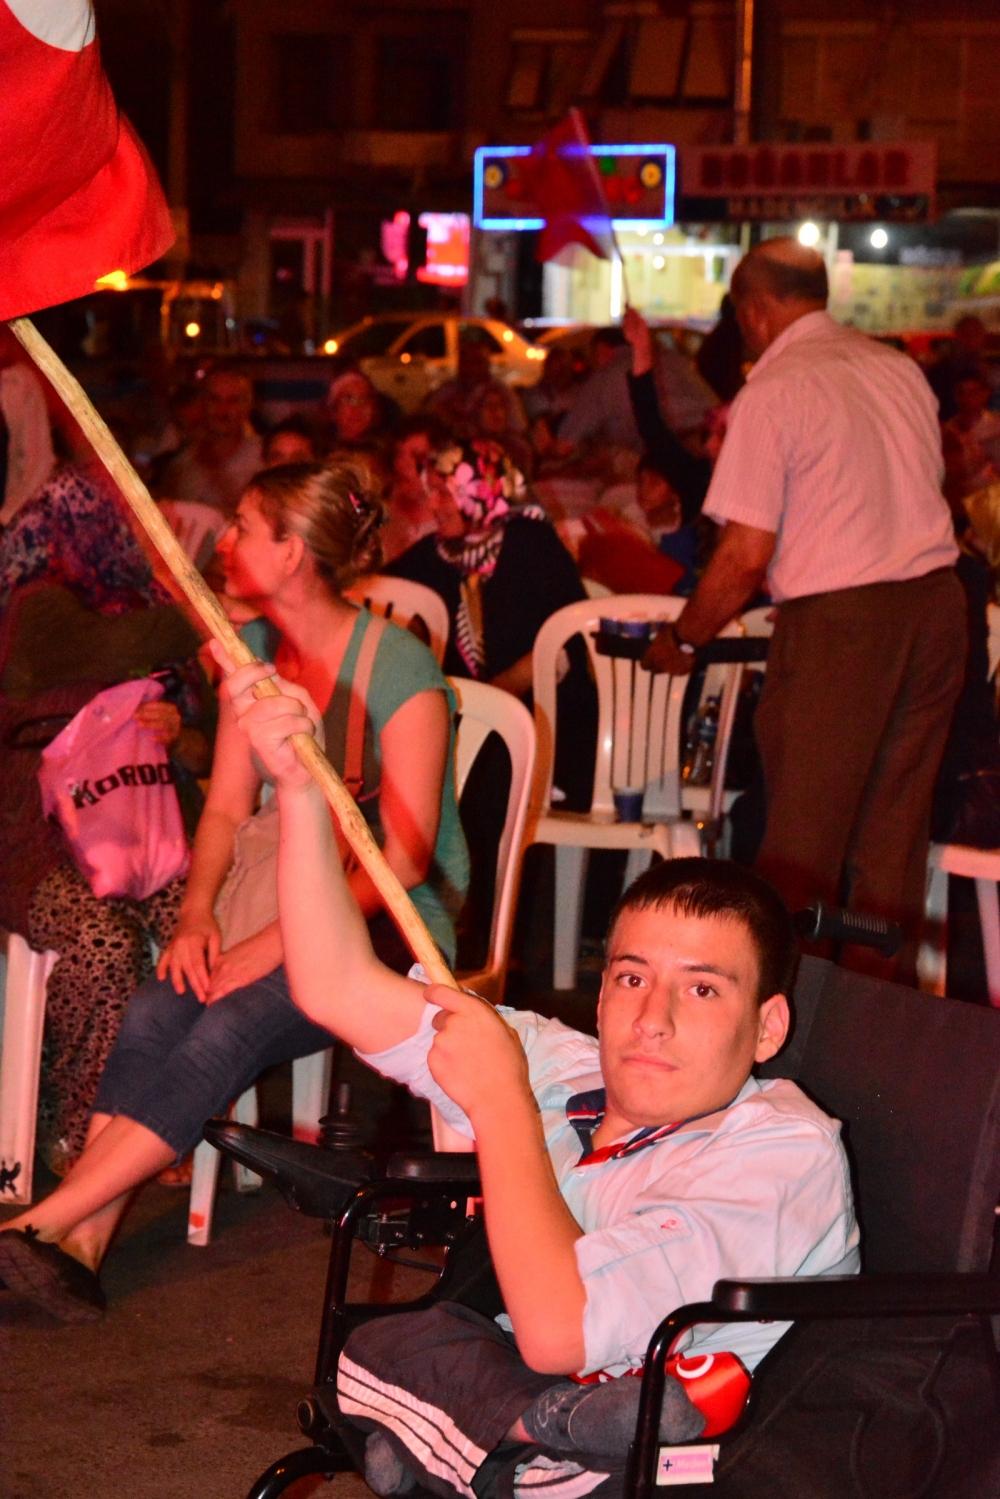 Akhisar'da Milli Egemenlik Meydanında demokrasi nöbeti 22.gün 3